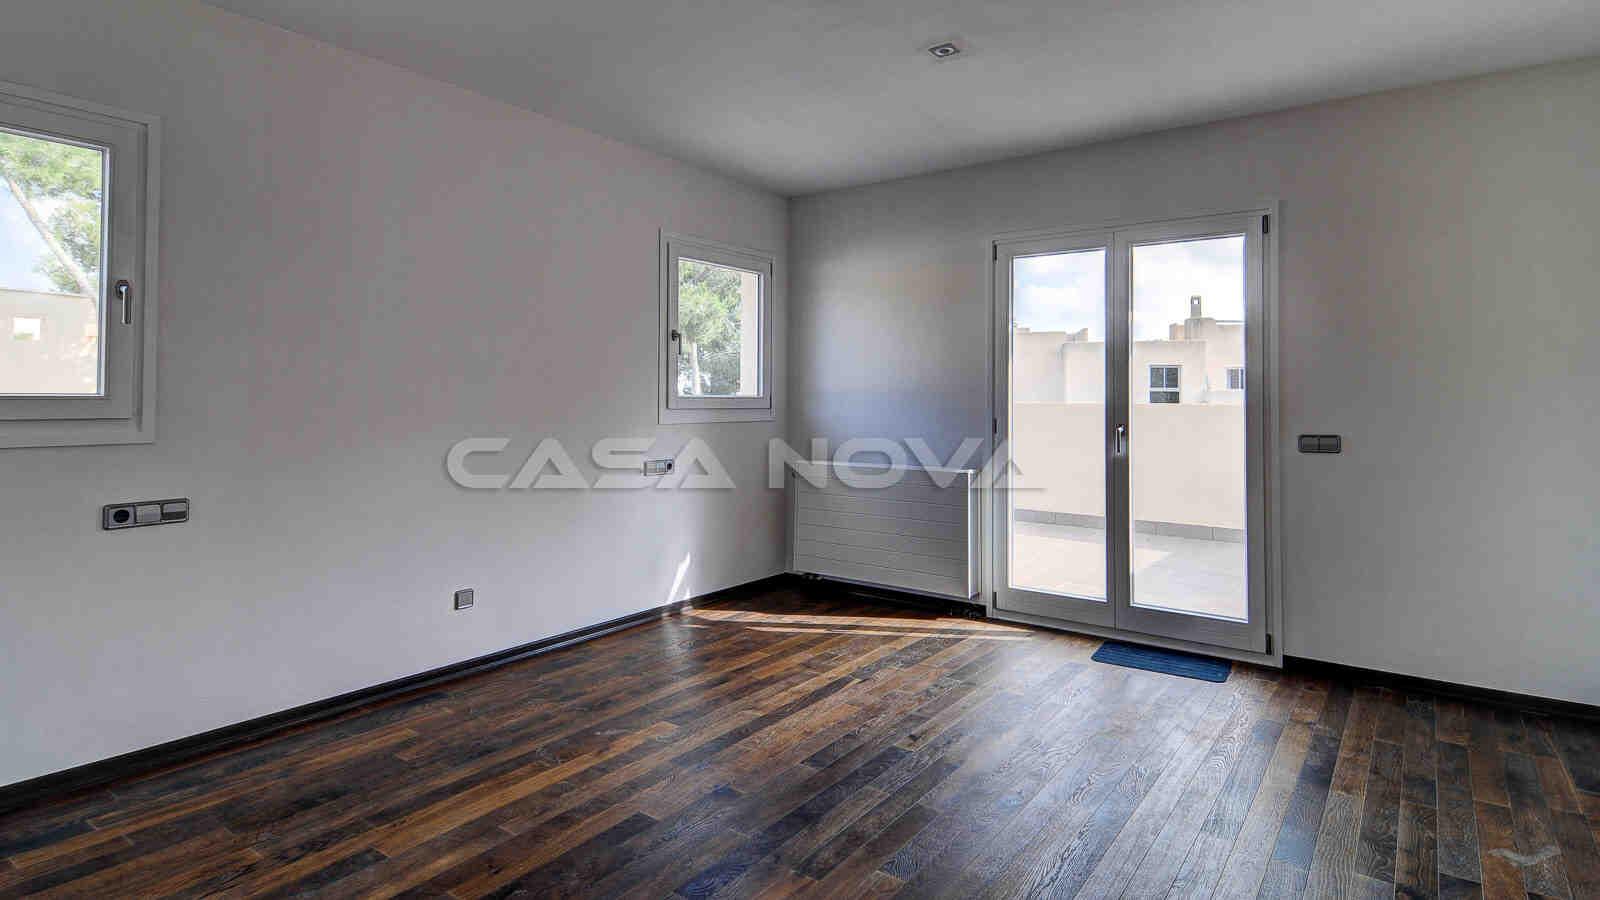 Grosses Schlafzimmer ebenfalls mit Zugang auf die Terrasse der Immobilie